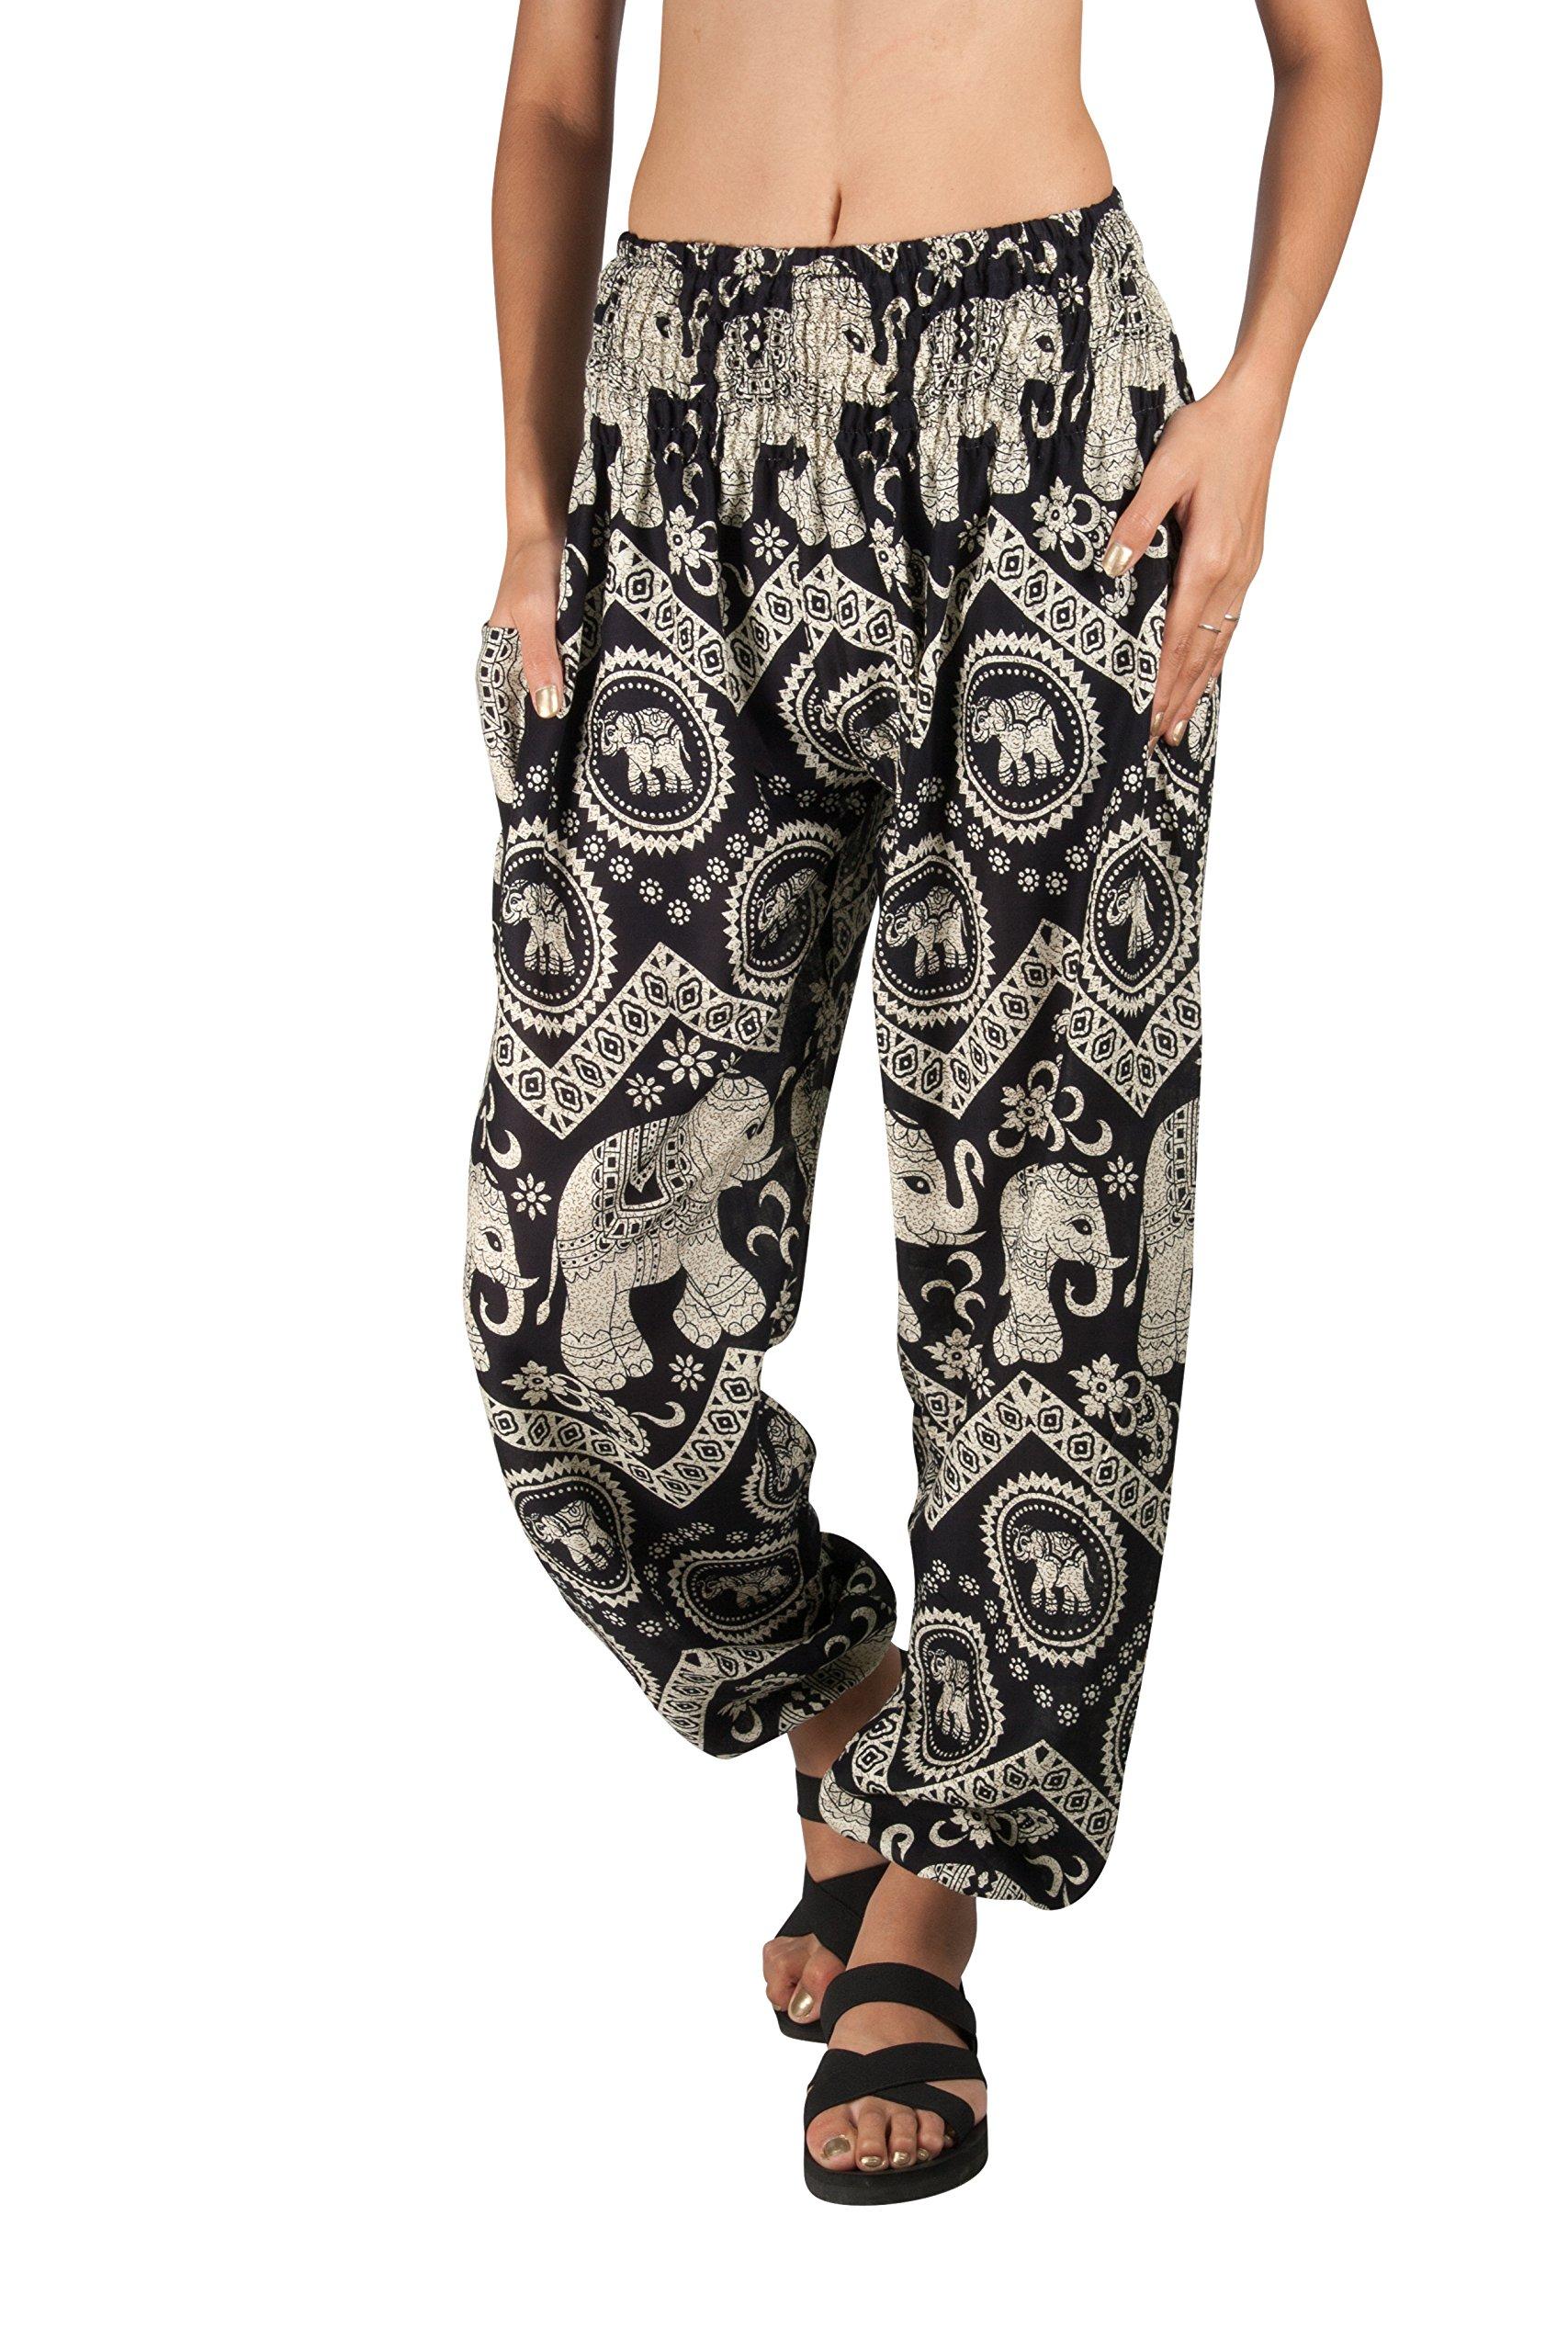 JOOP JOOP BOHEMIAN PRINTED HAREM PANTS,Black,L/XL